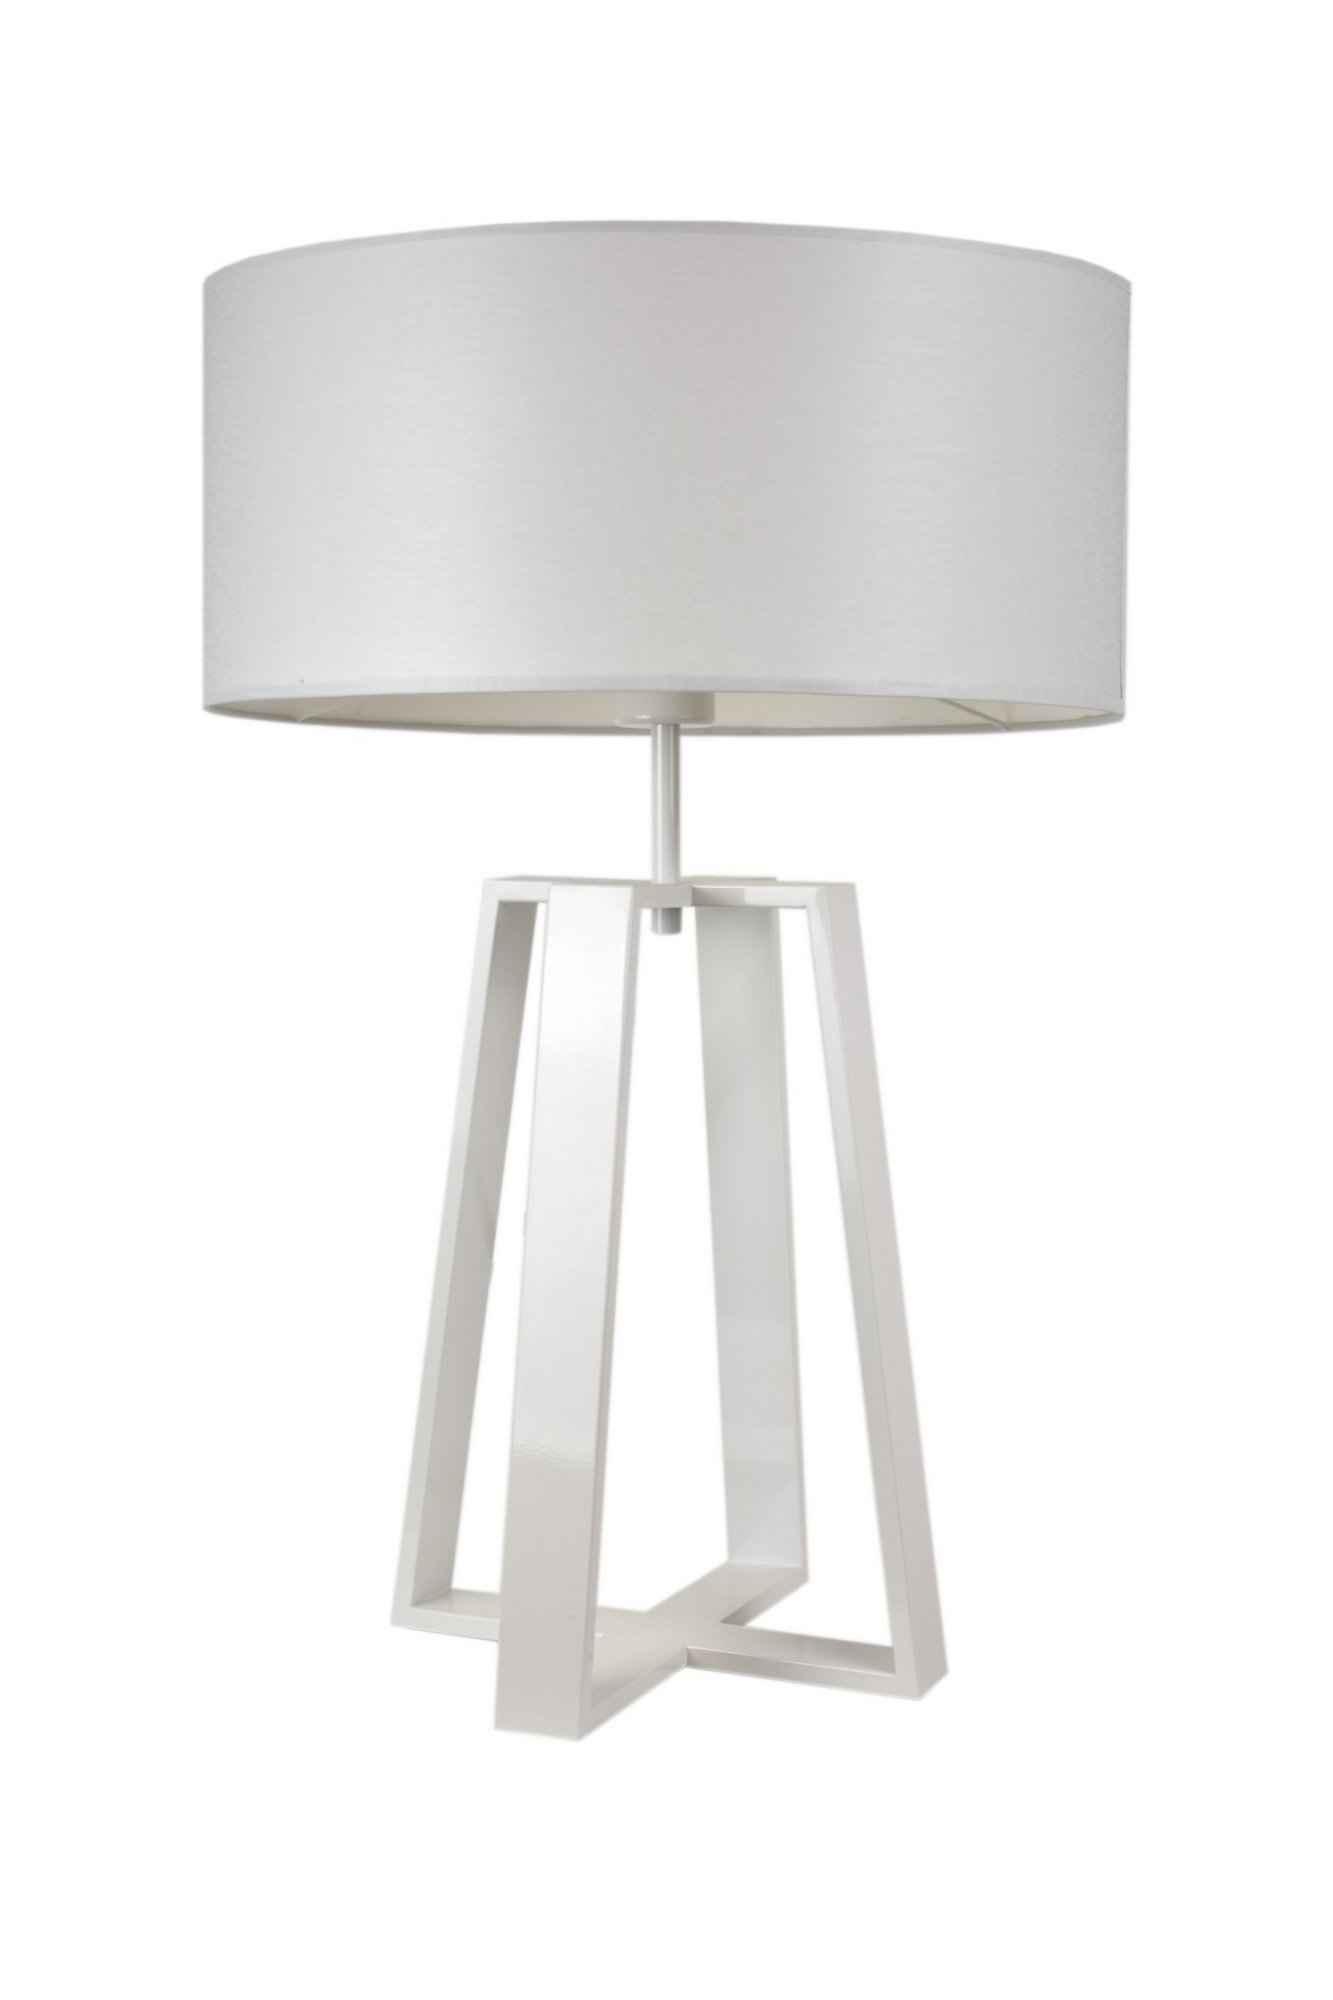 Lampa nocna biurkowa WENIS! Częstochowa - zdjęcie 4